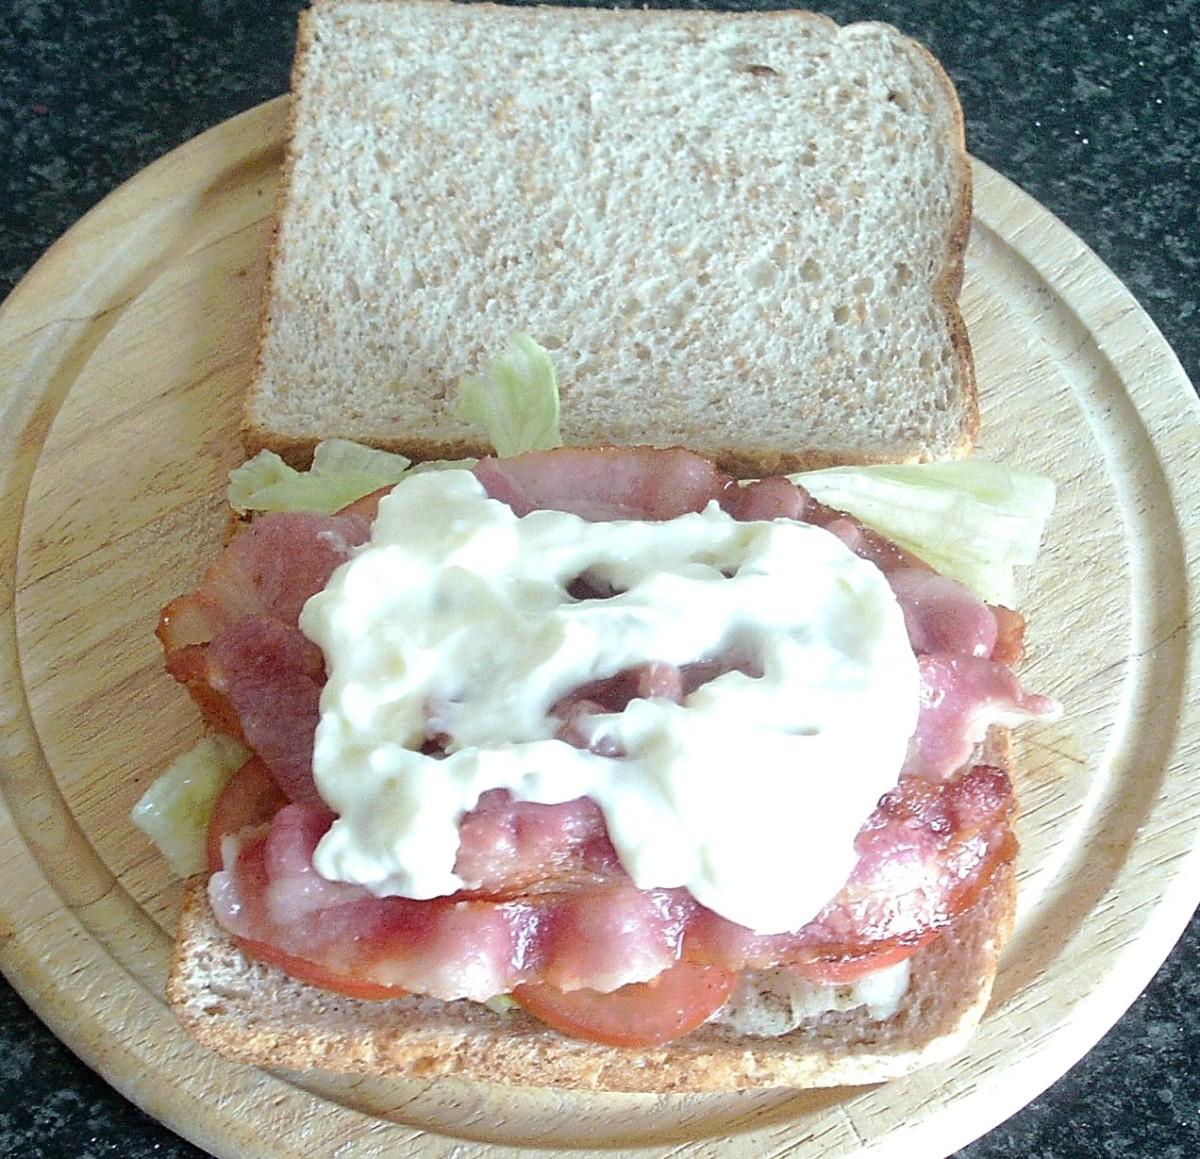 Garlic mayo is spread over bacon